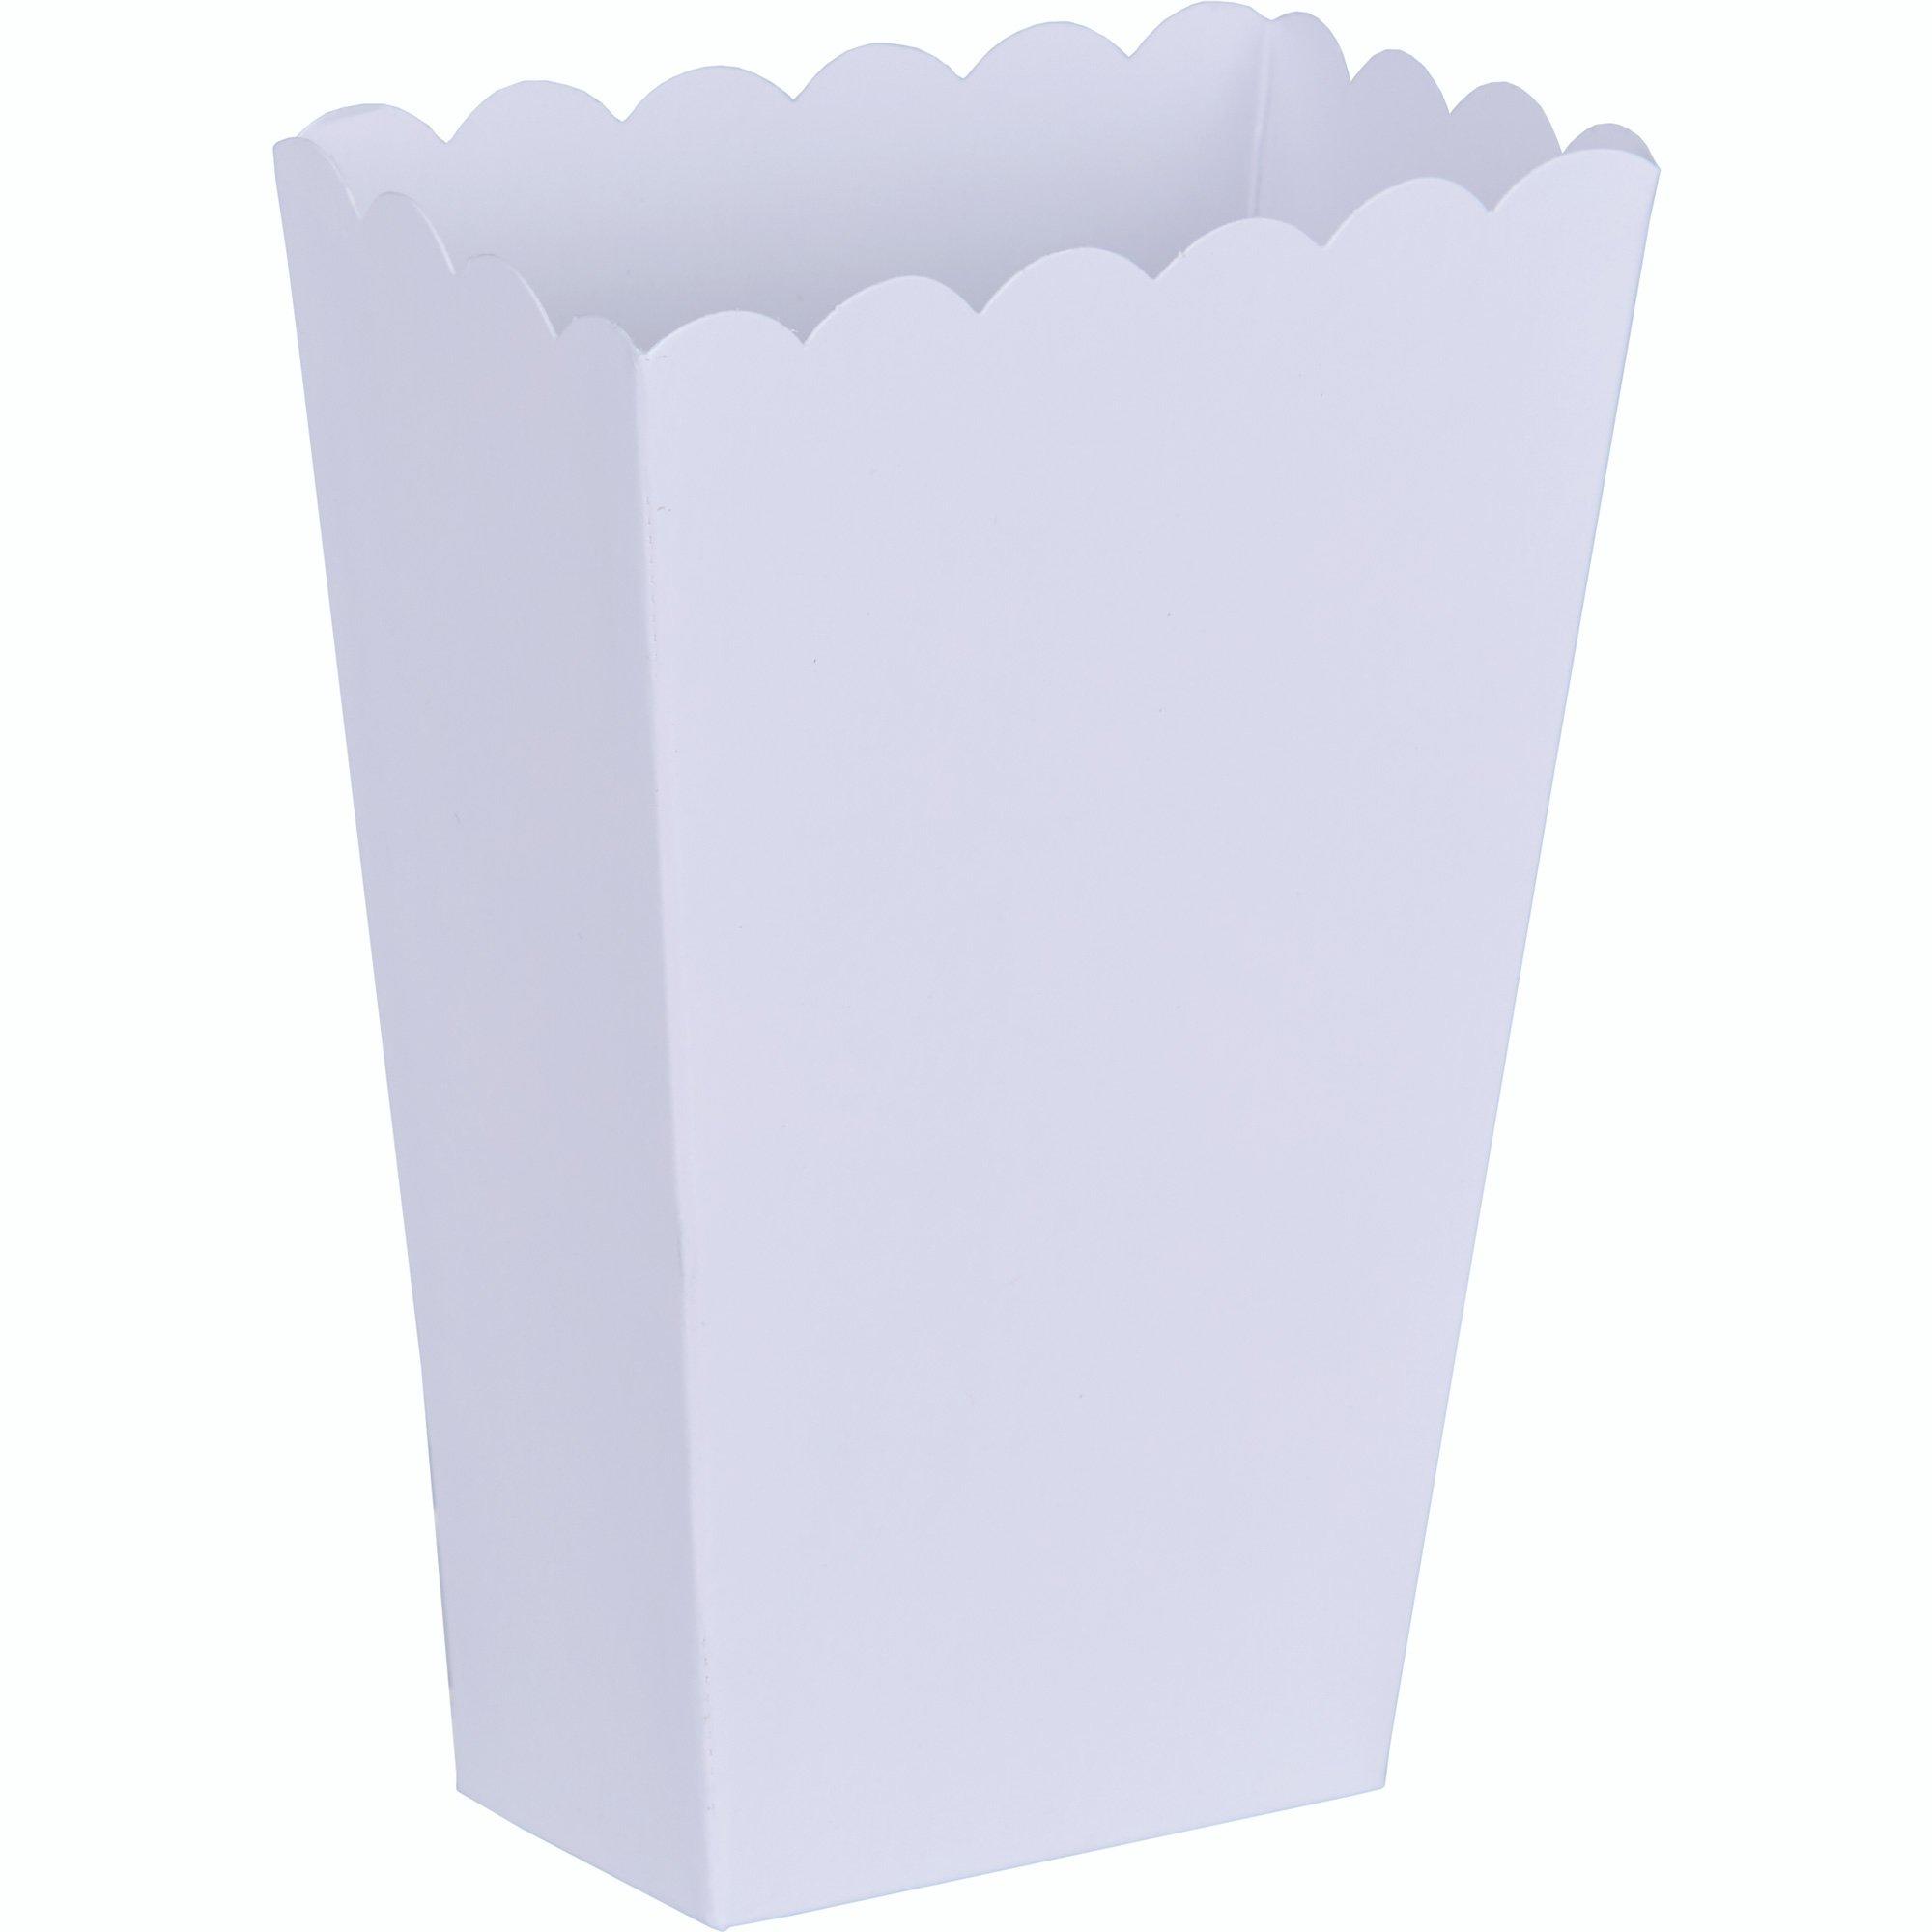 Popcorn Favor Boxes Small White